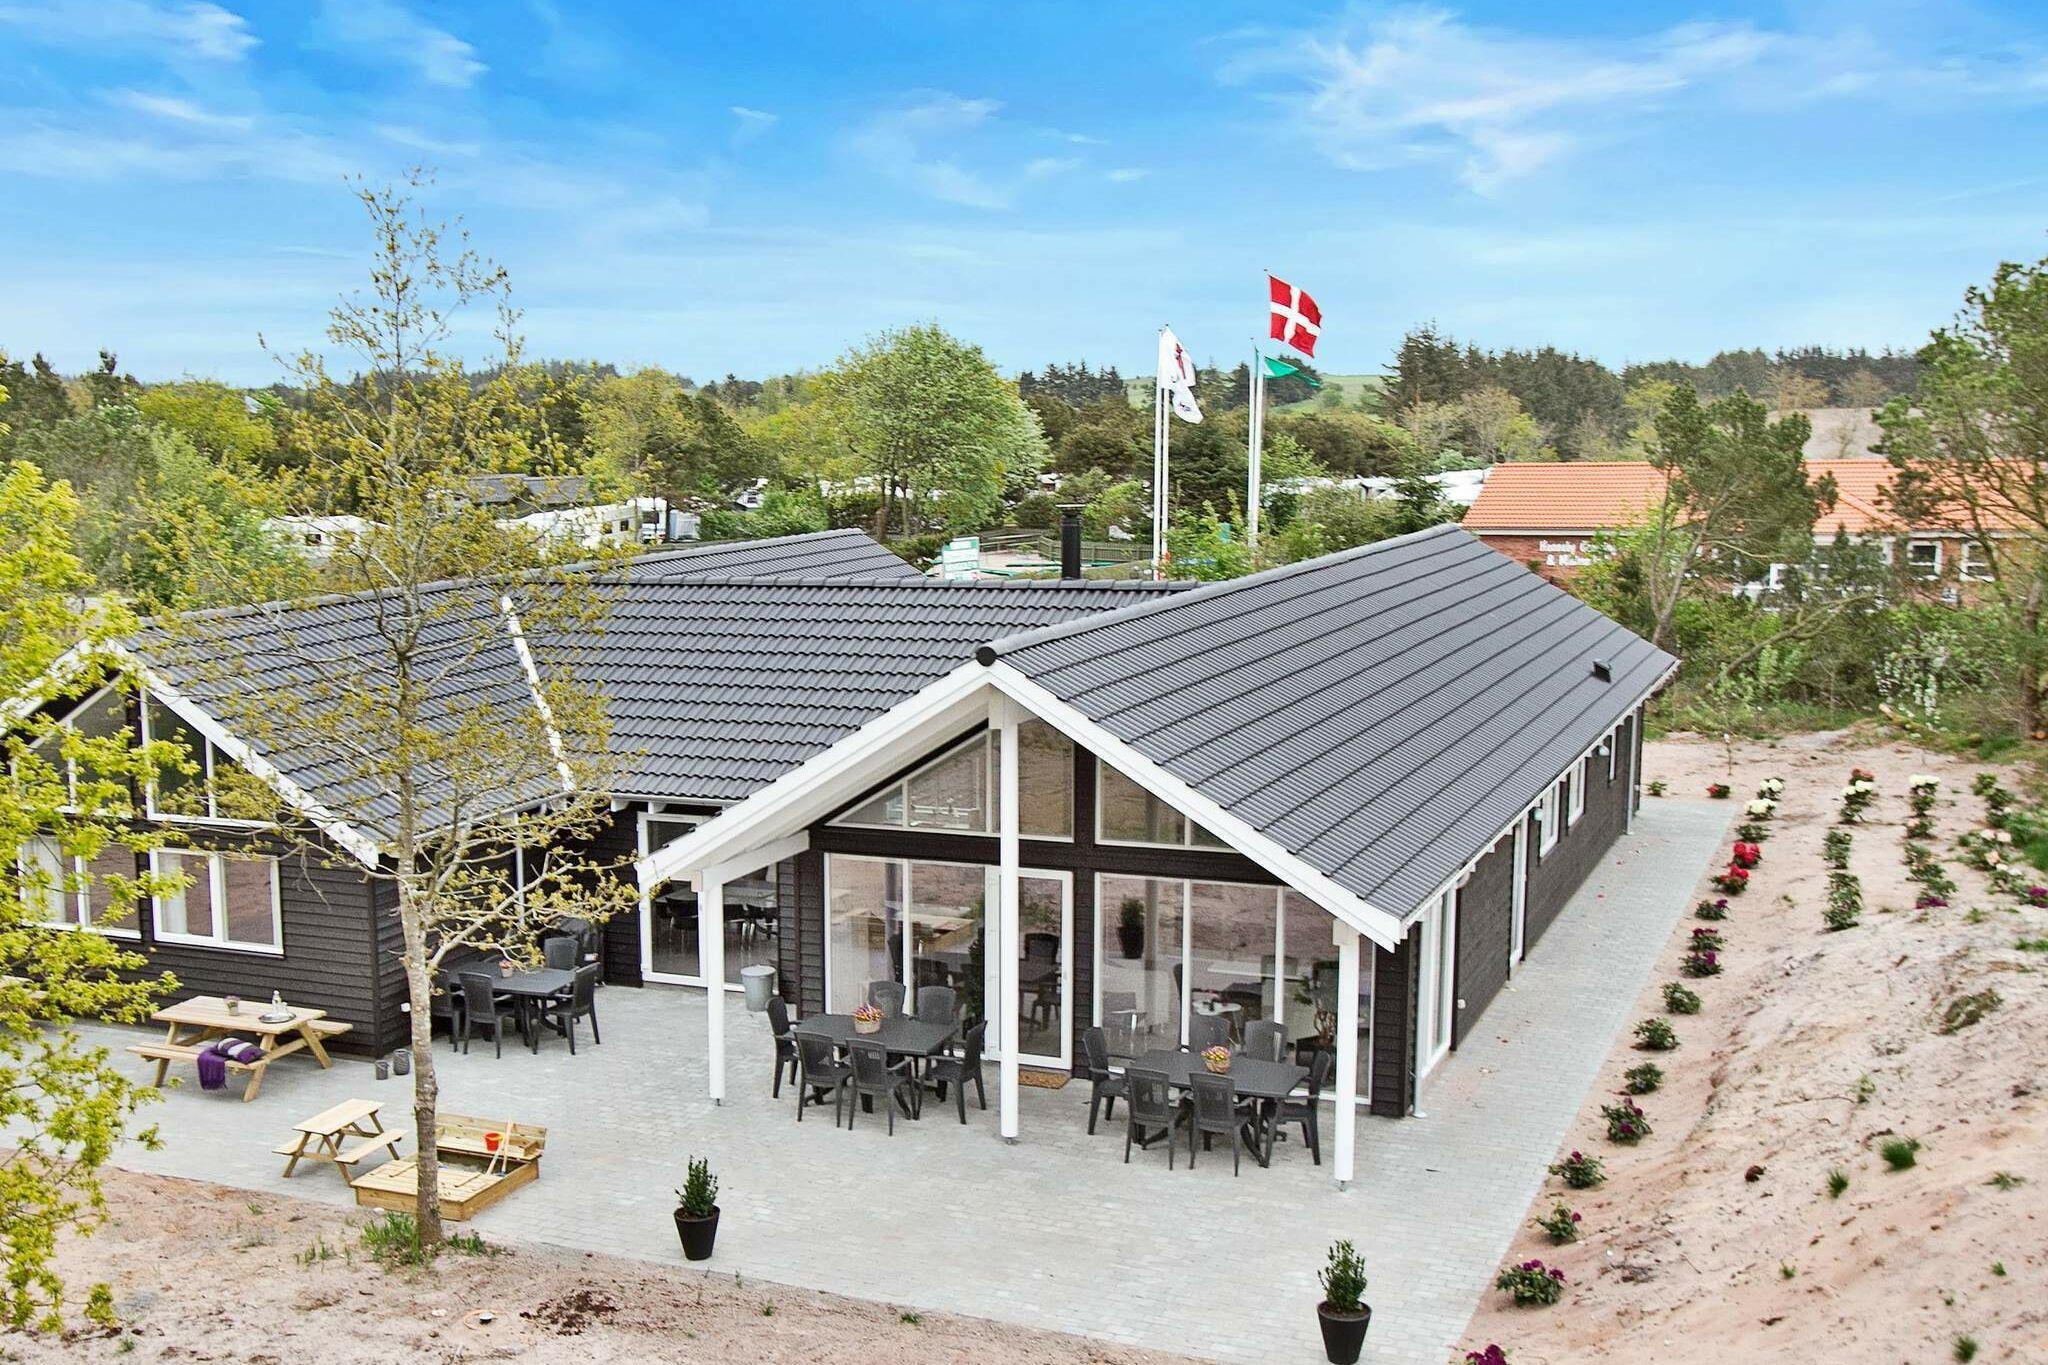 Ferienhaus in Henne für 18 Personen